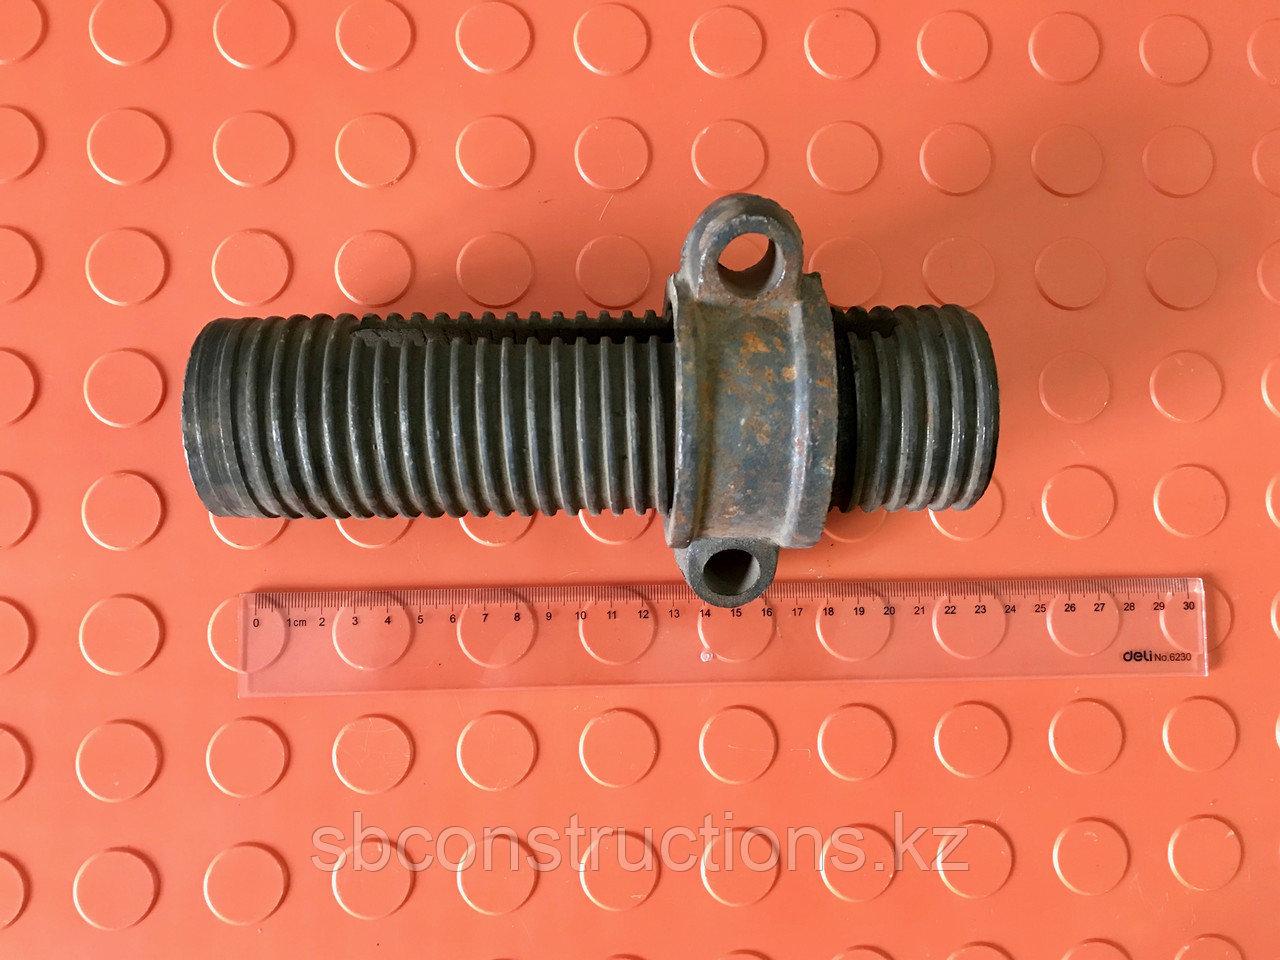 Механизм резьбовой для струбцин телескопических стоек